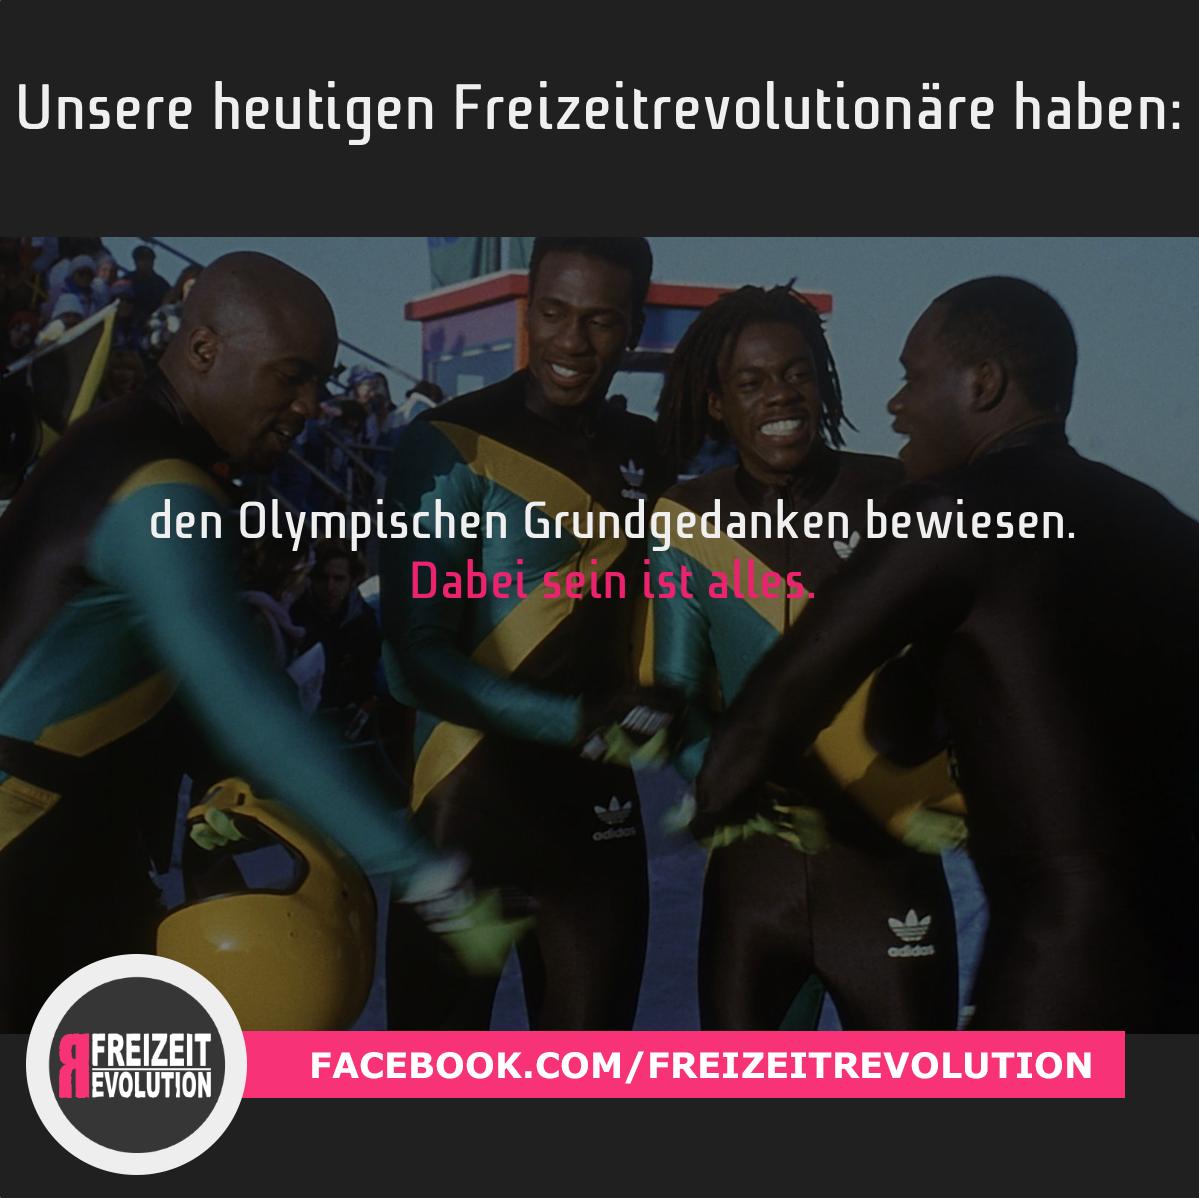 """Cool Runnings ist eine US-amerikanische Komödie aus dem Jahre 1993, welche die Geschichte der ersten jamaikanischen Bobmannschaft bei den Olympischen Winterspielen 1988 in Calgary auffasst. Sie bewiesen mit ihrem Einsatz und Engagement den Grundgedanken der Olympischen Spiele: """"Dabei sein, ist alles!"""""""